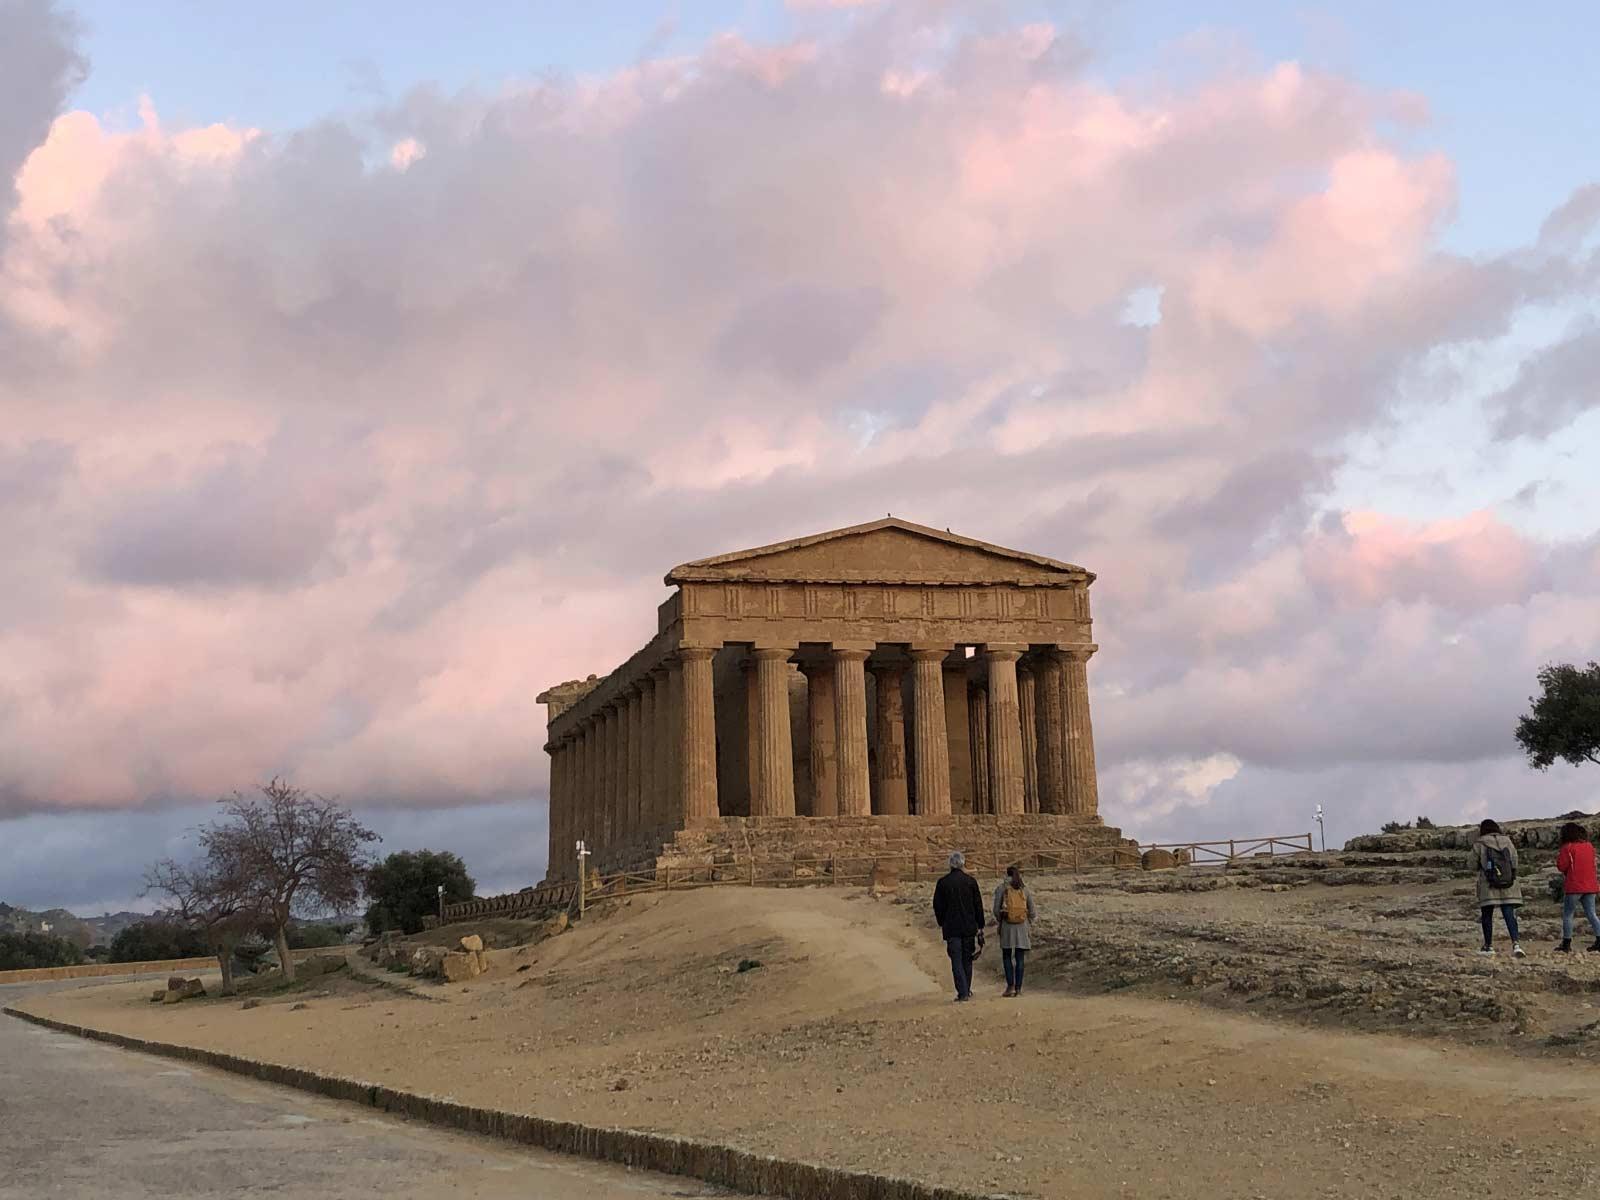 Tempio della Concordia al tramonto con una coppia di visitatori davanti e le nuvole rosa dietro